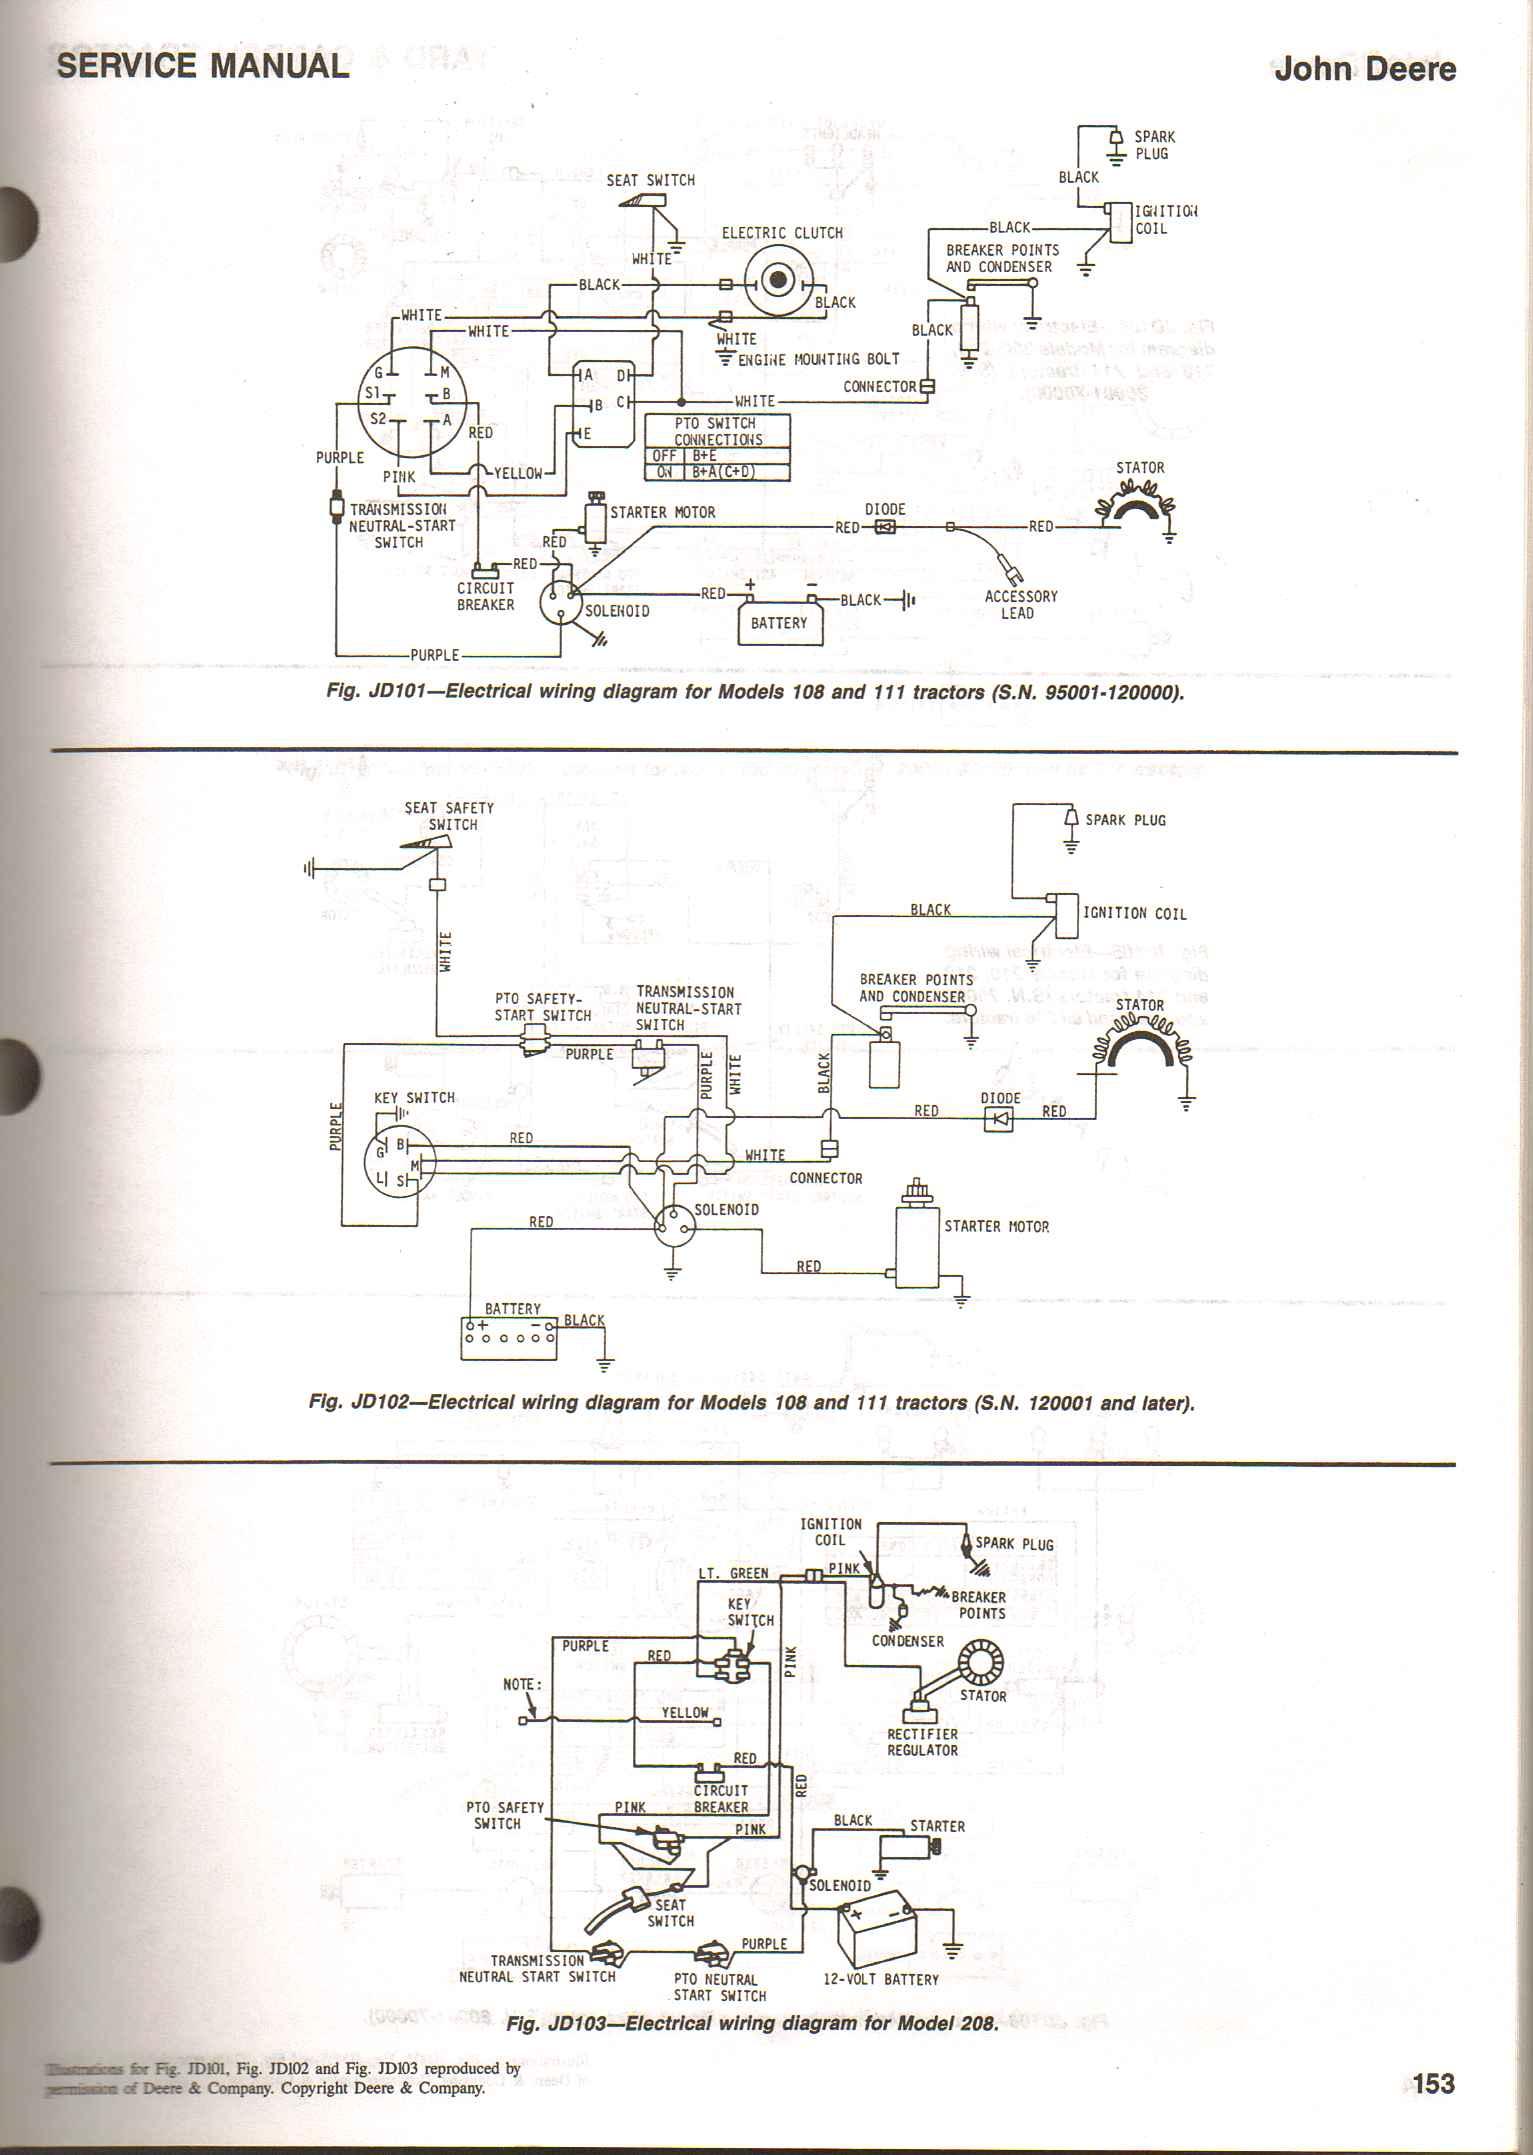 hight resolution of troy bilt pony wiring diagram schematic online wiring diagramwiring diagram for troy bilt pony 13an77kg011 schematic